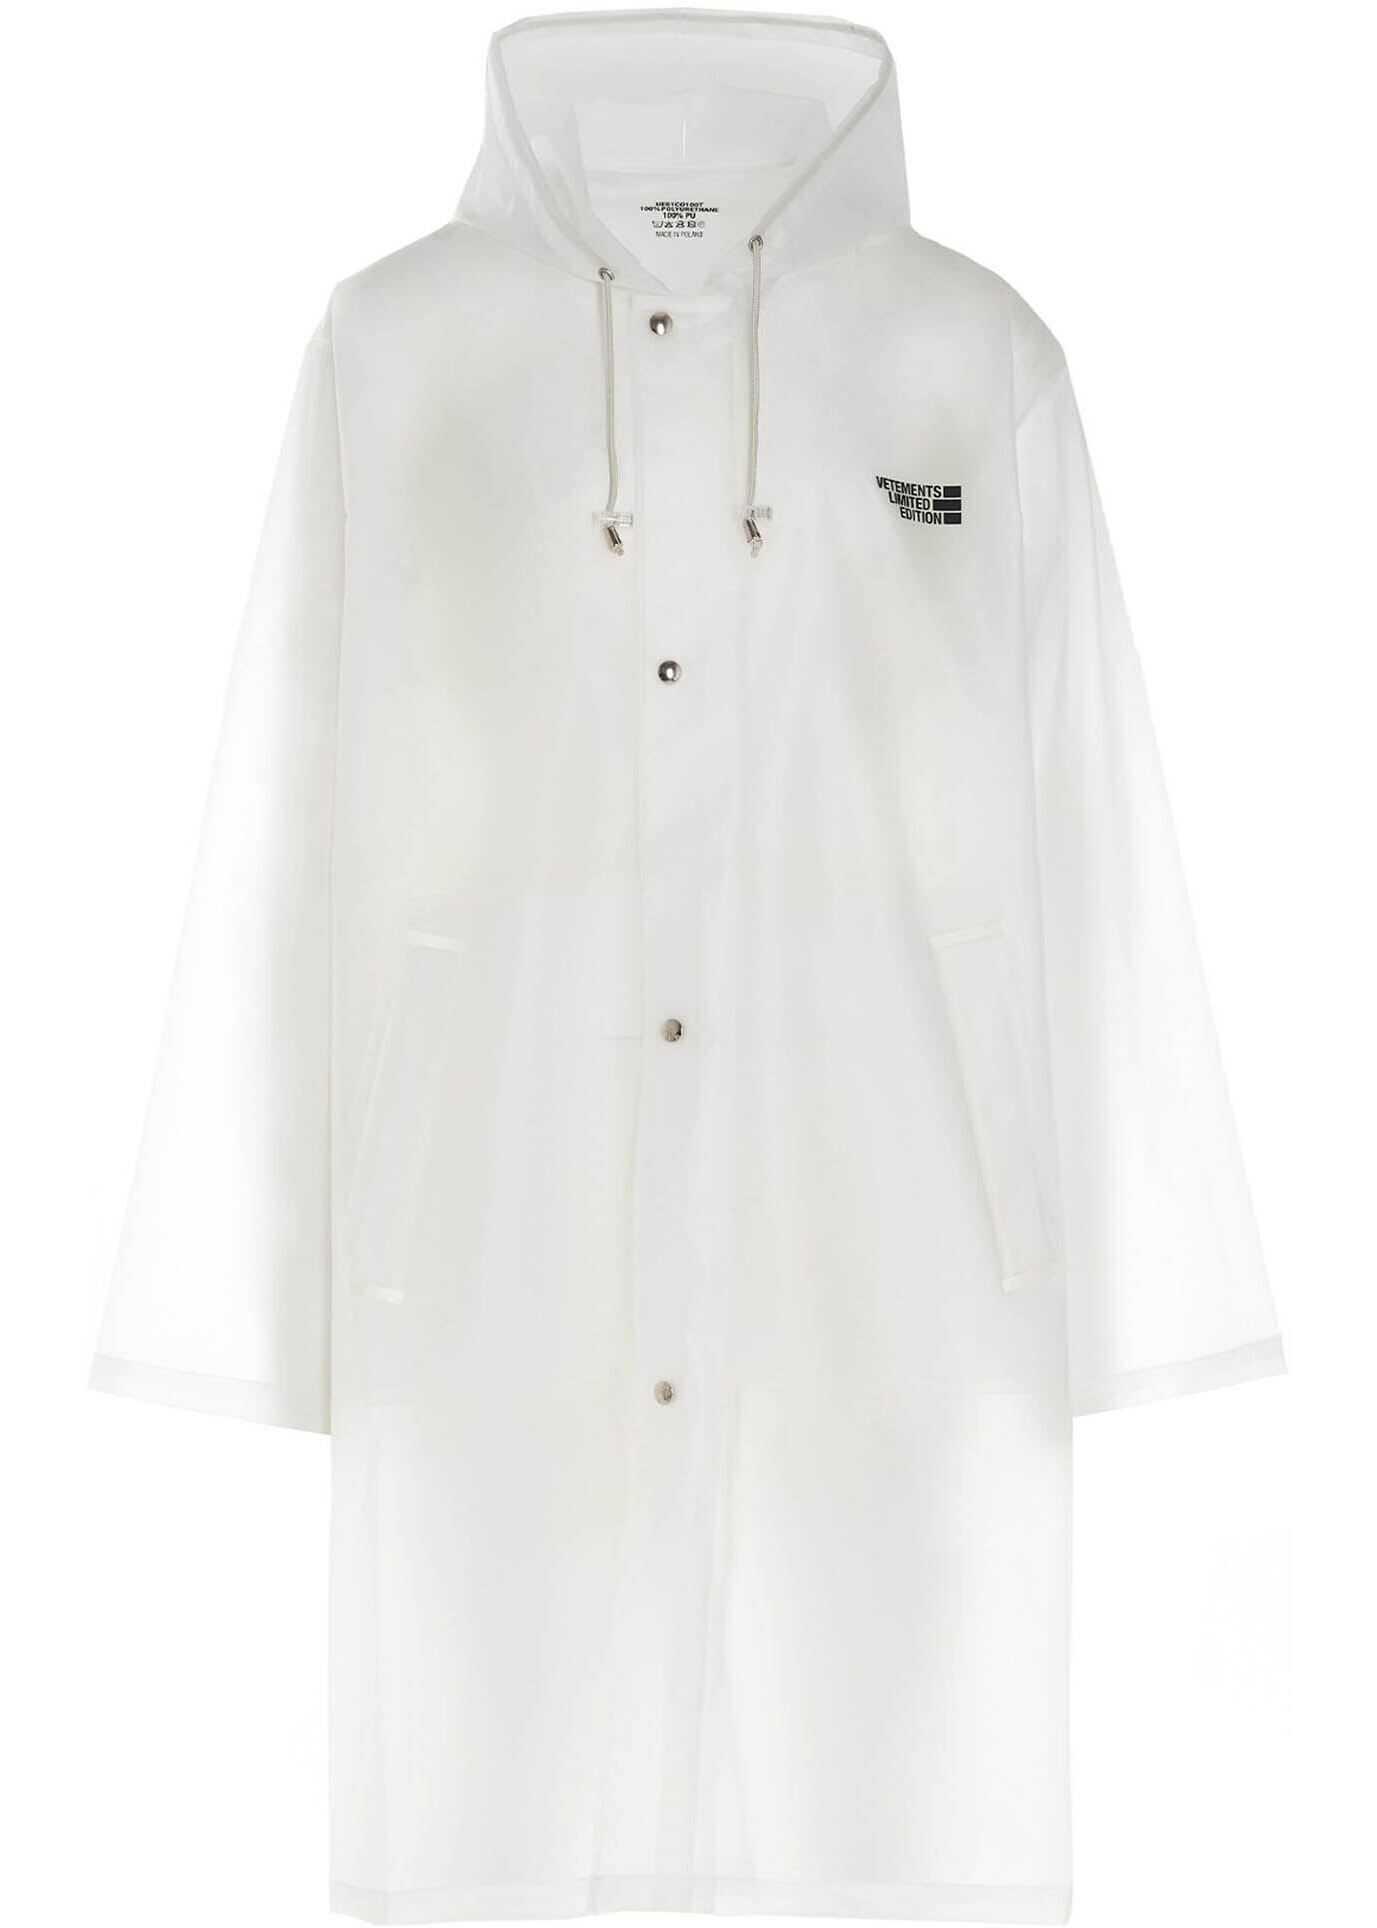 Vetements Limited Edition Transparent Raincoat Transparent imagine